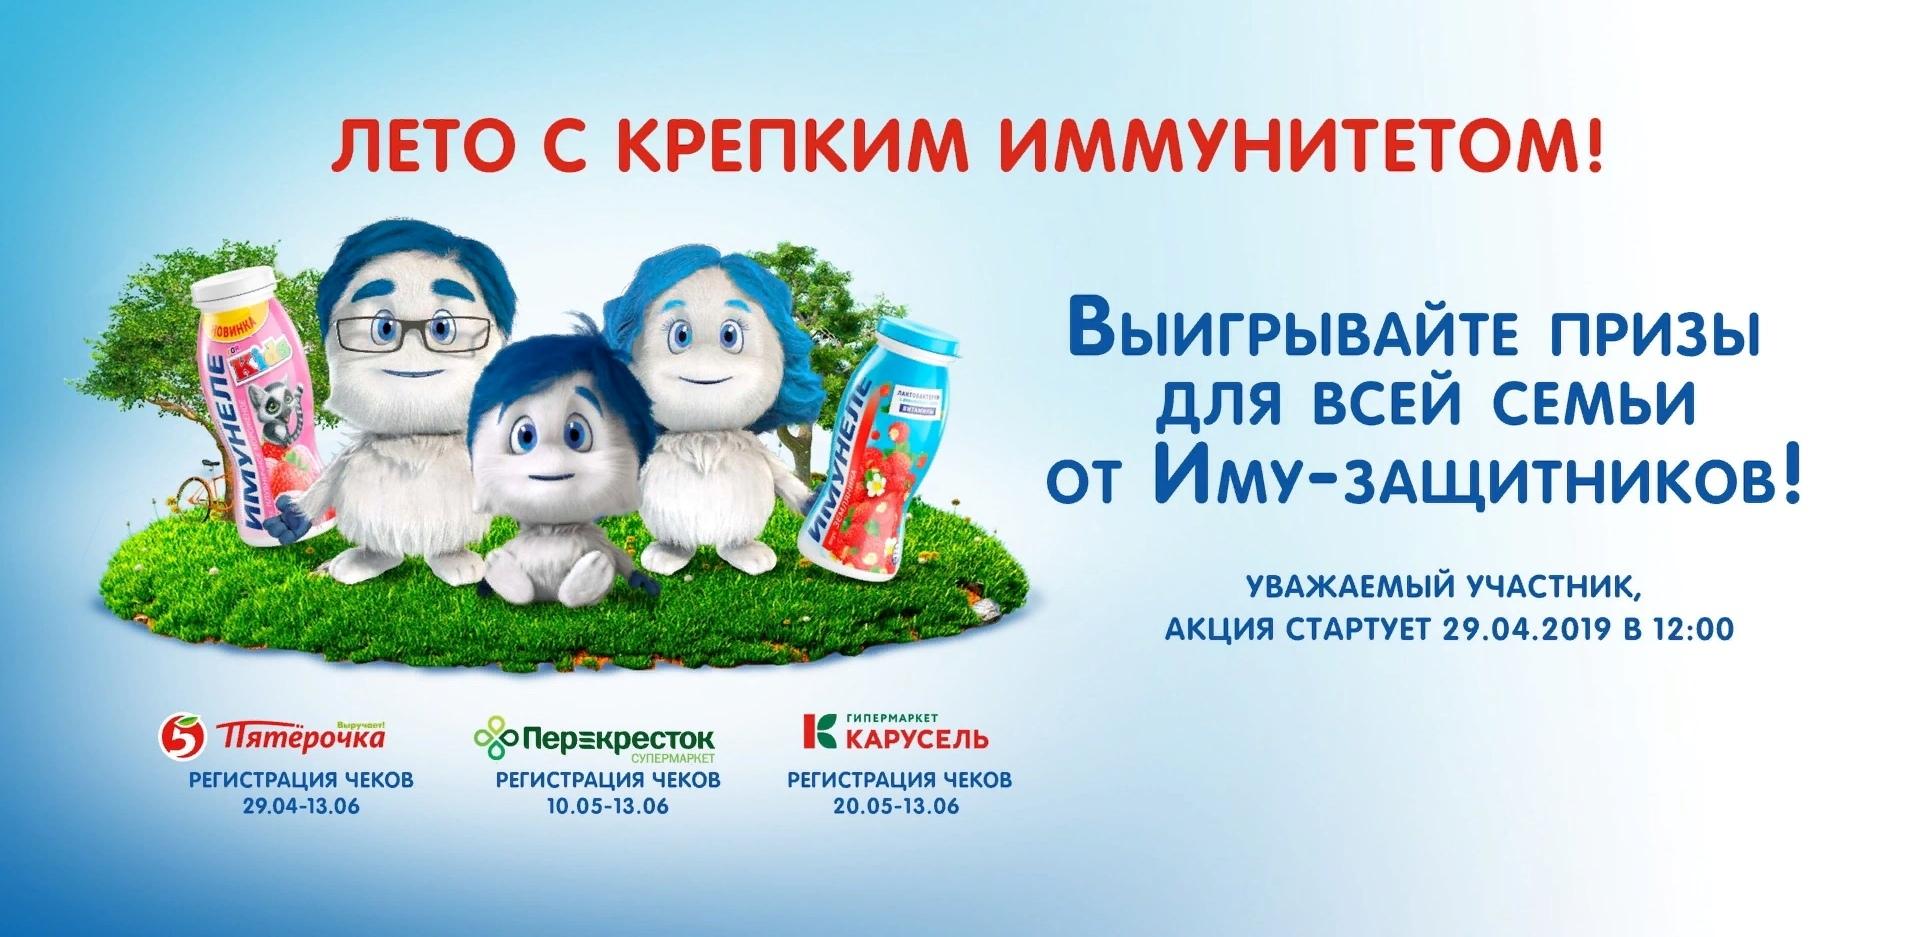 www.imunele.ru акция 2019 года